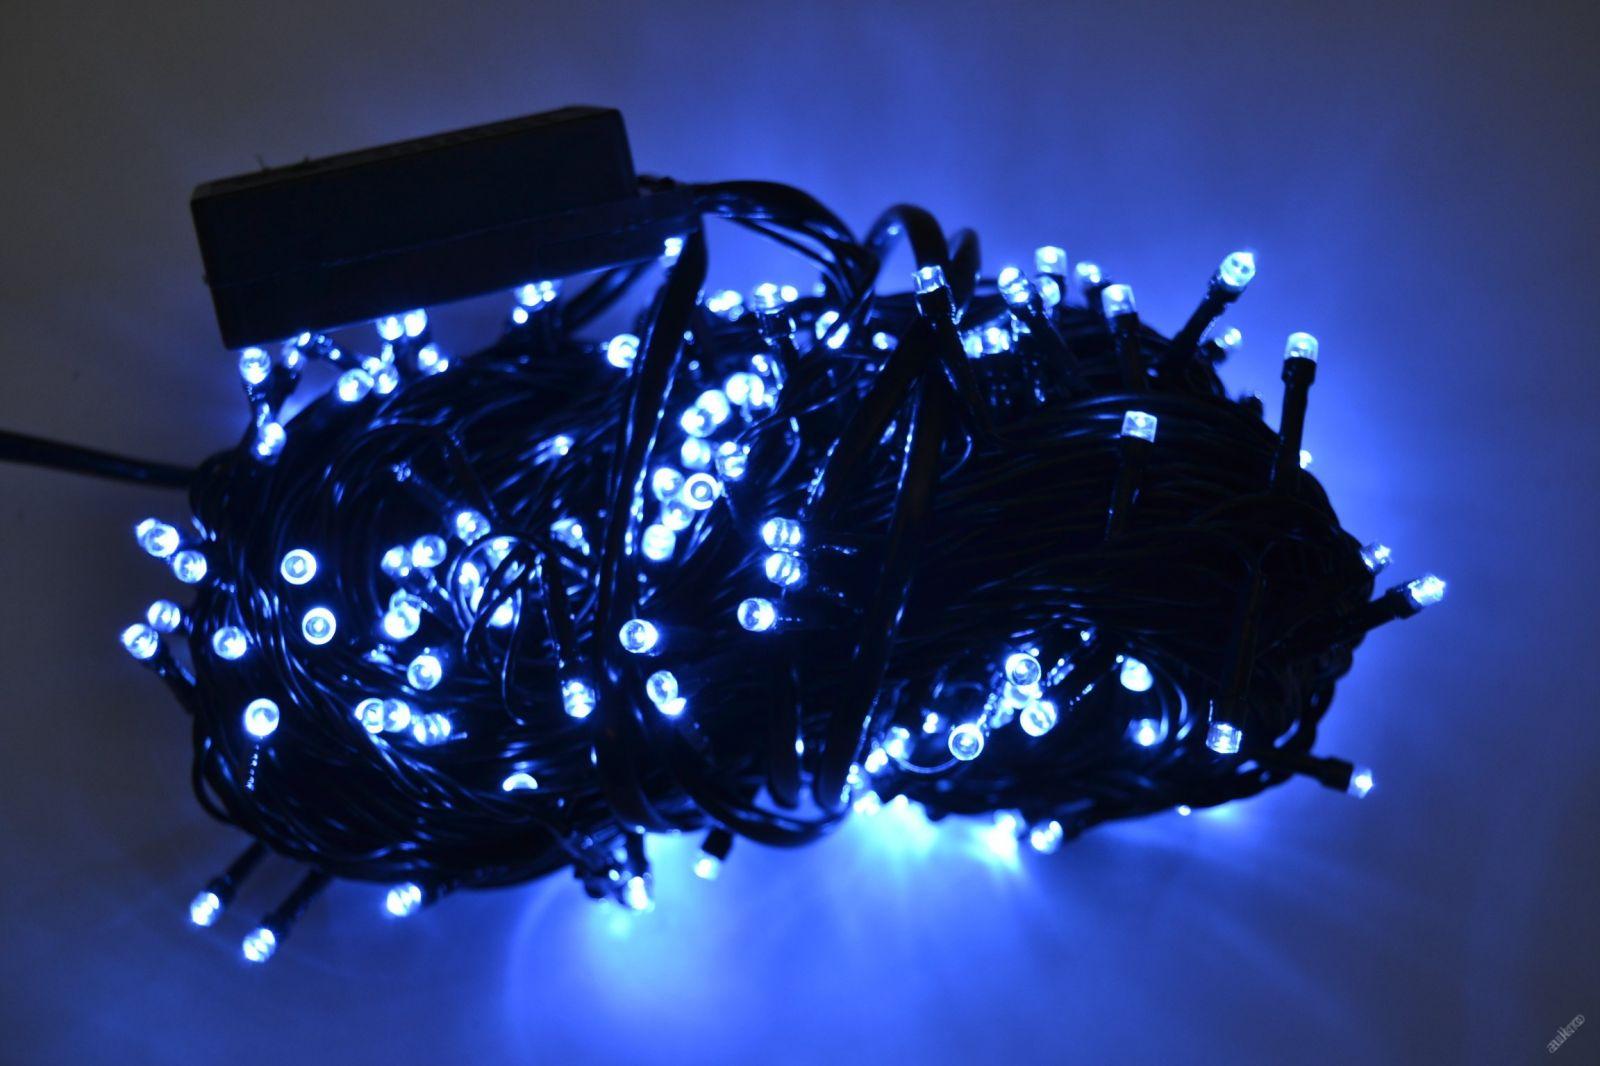 VÁNOČNÍ OSVĚTLENÍ 250 LED - MODRÉ ZD